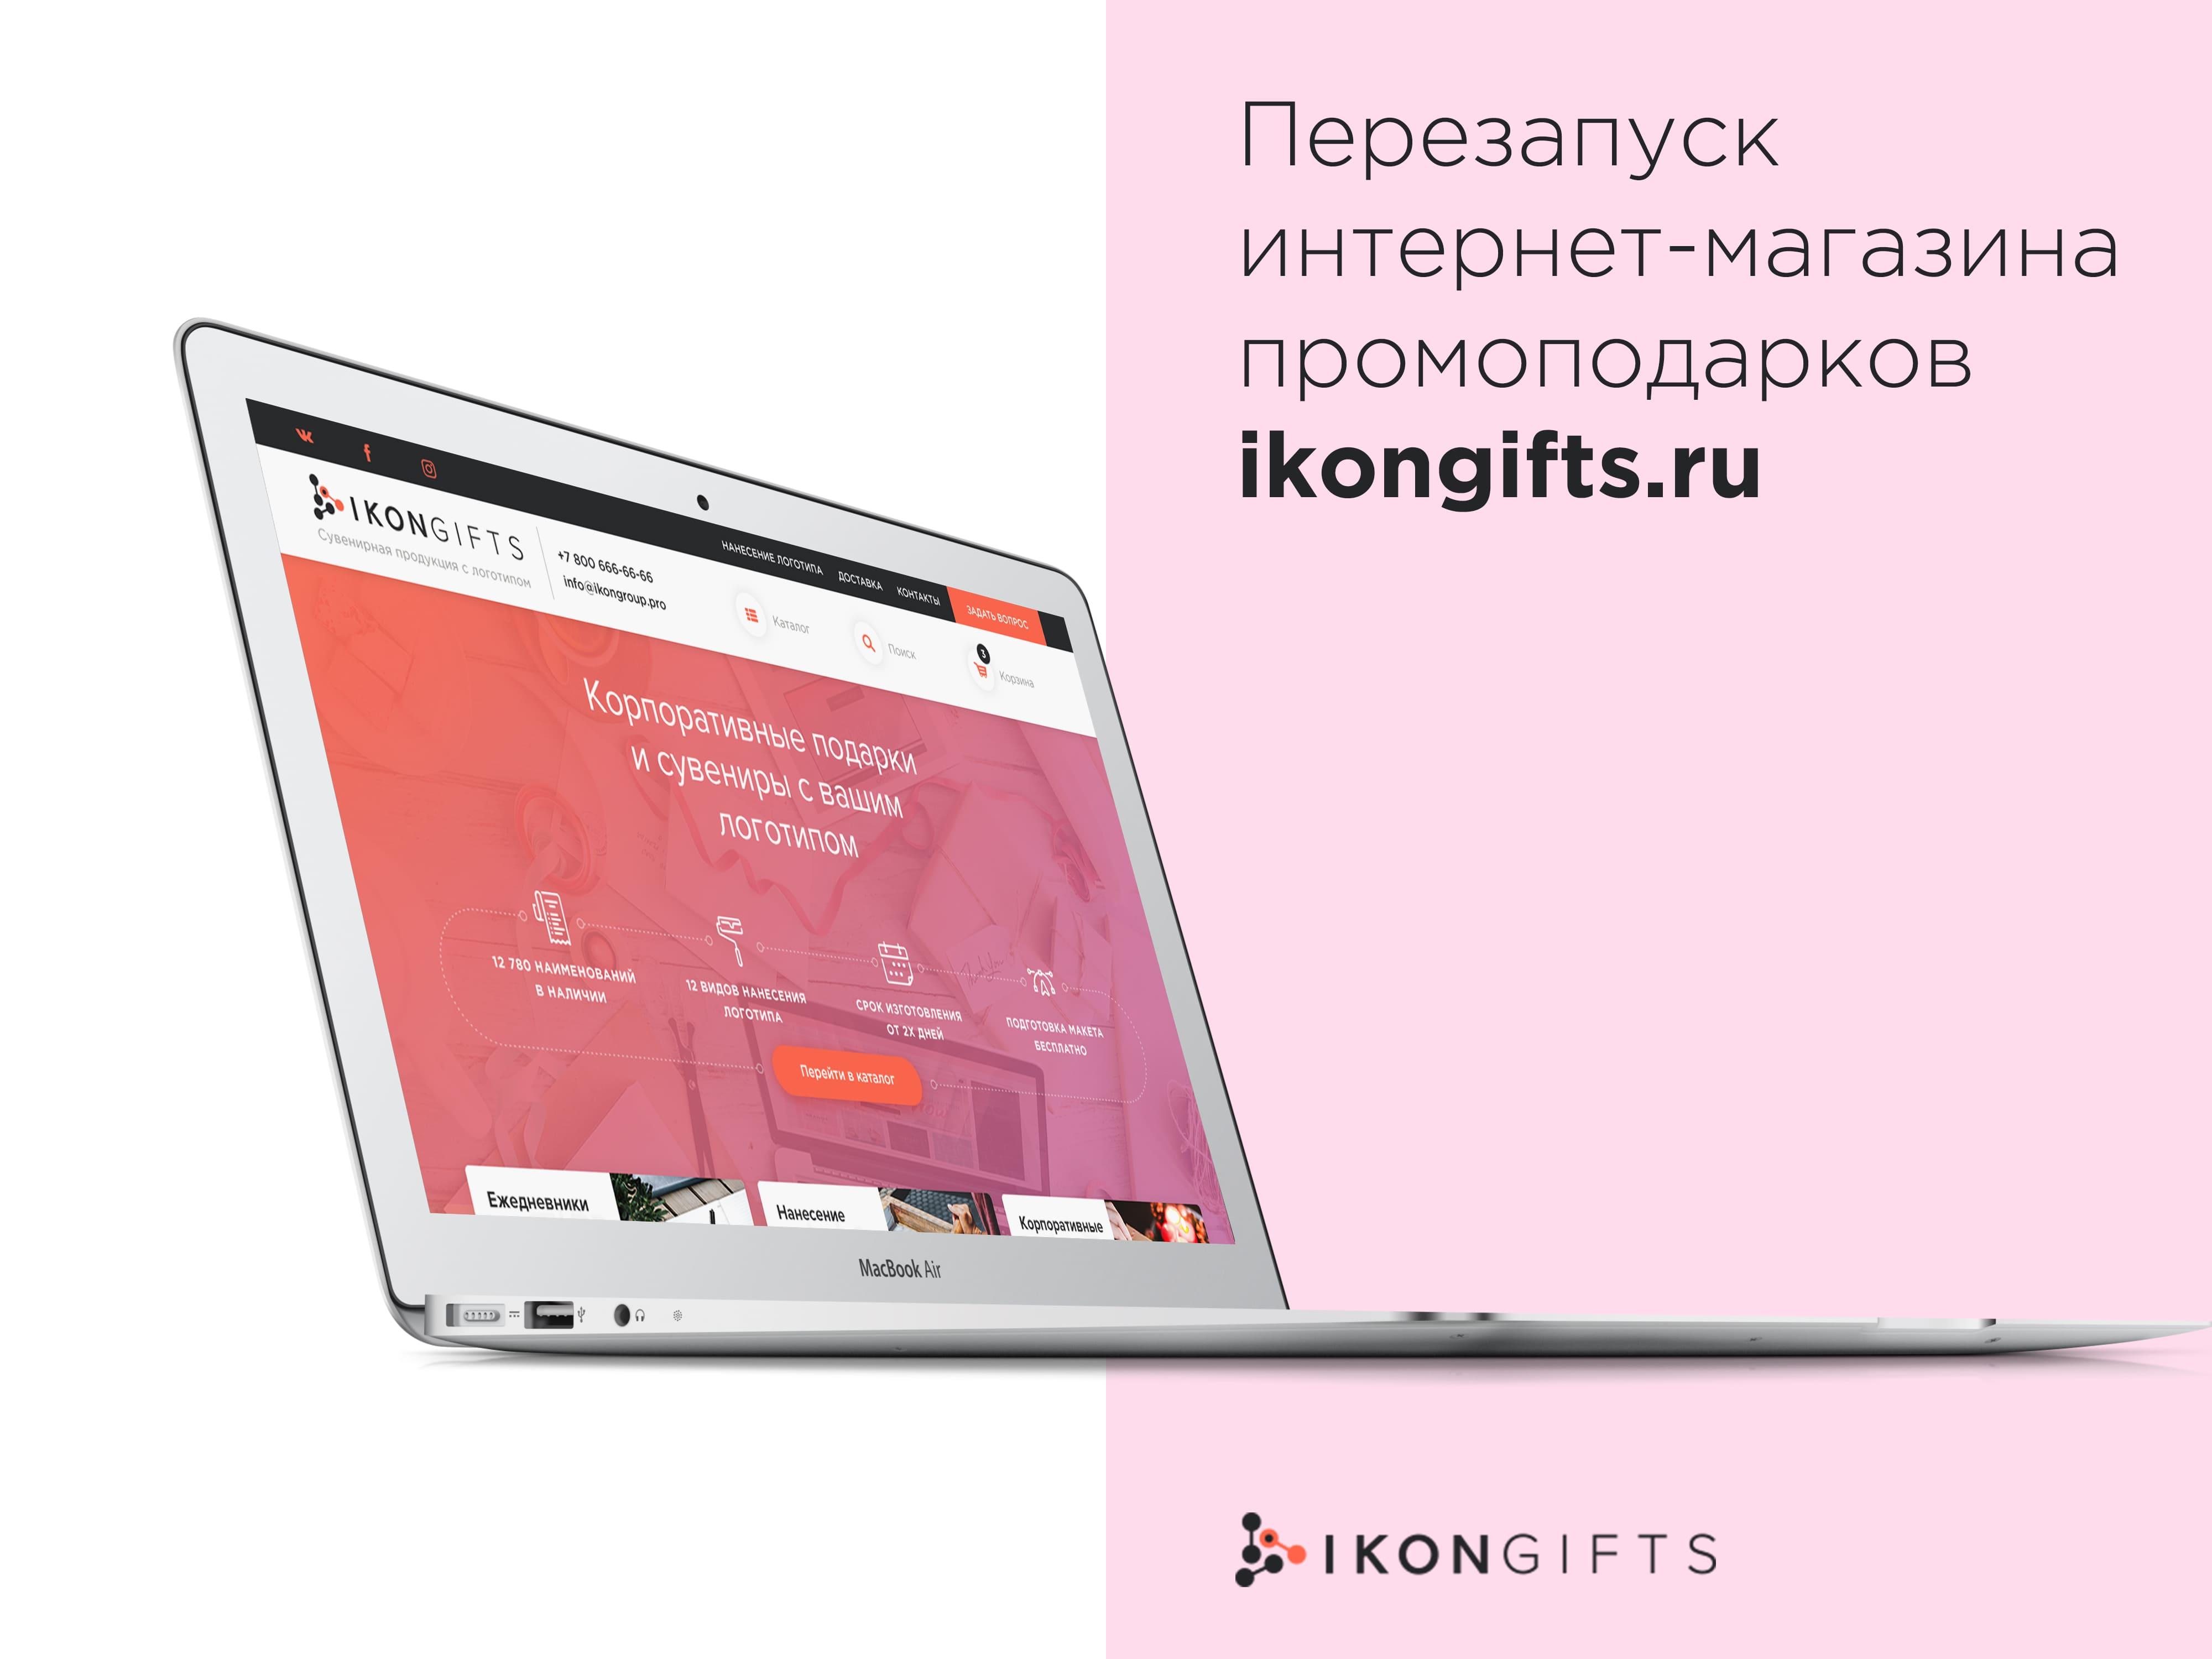 Каталог сувениров ikongifts.ru